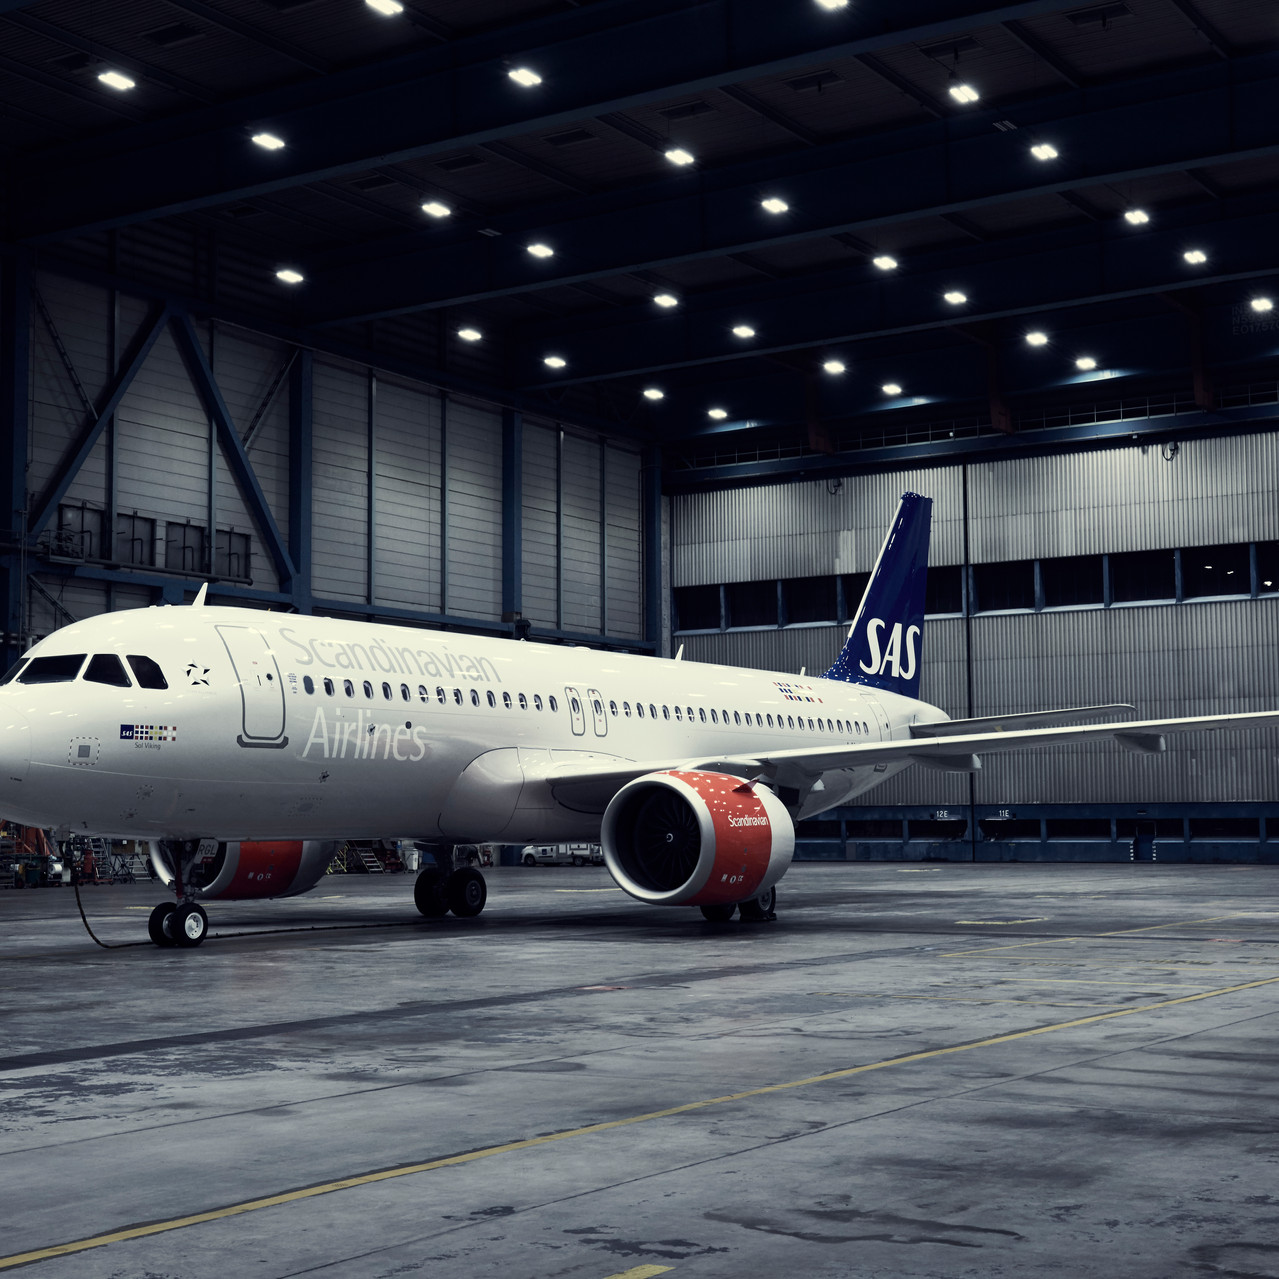 005_A320neo_image-SAS